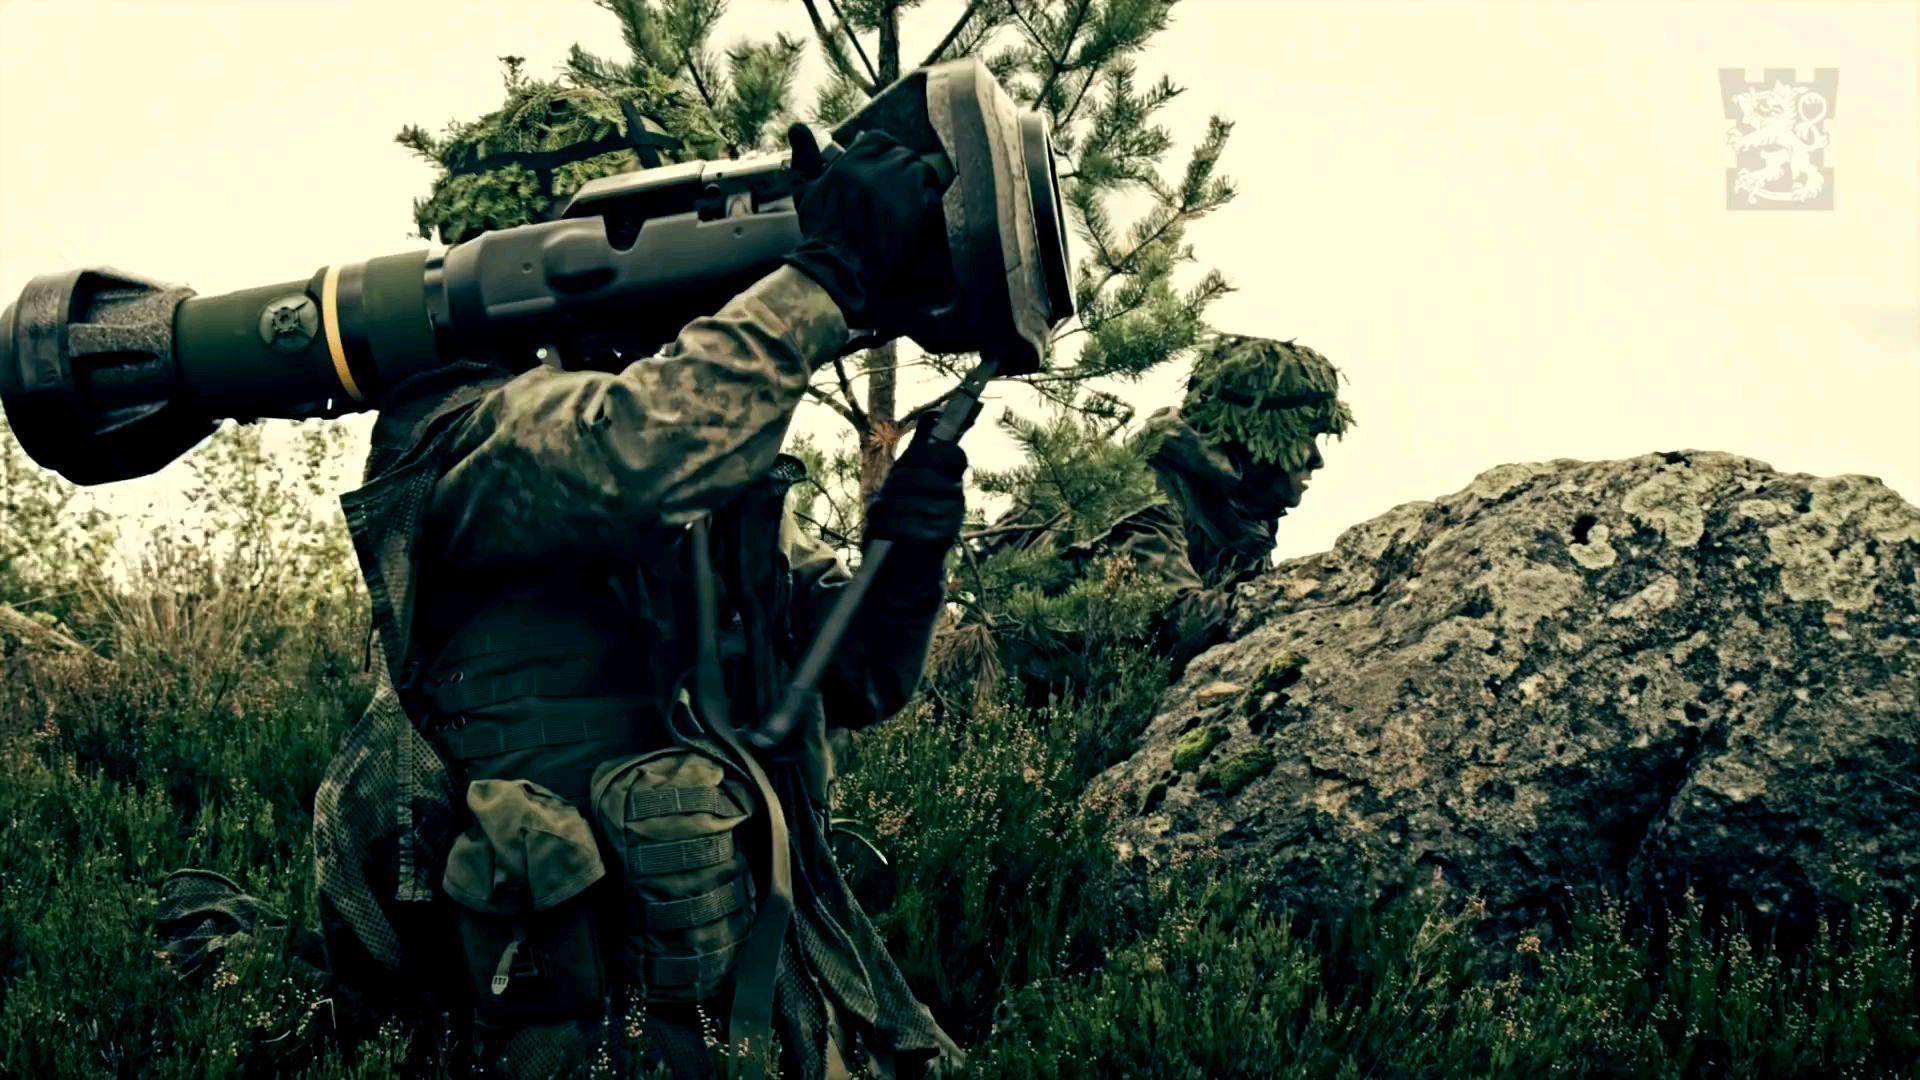 【熟肉/芬兰语】芬兰国防军军教片-知识,意志与利器-如何在战场上运用便携式导弹